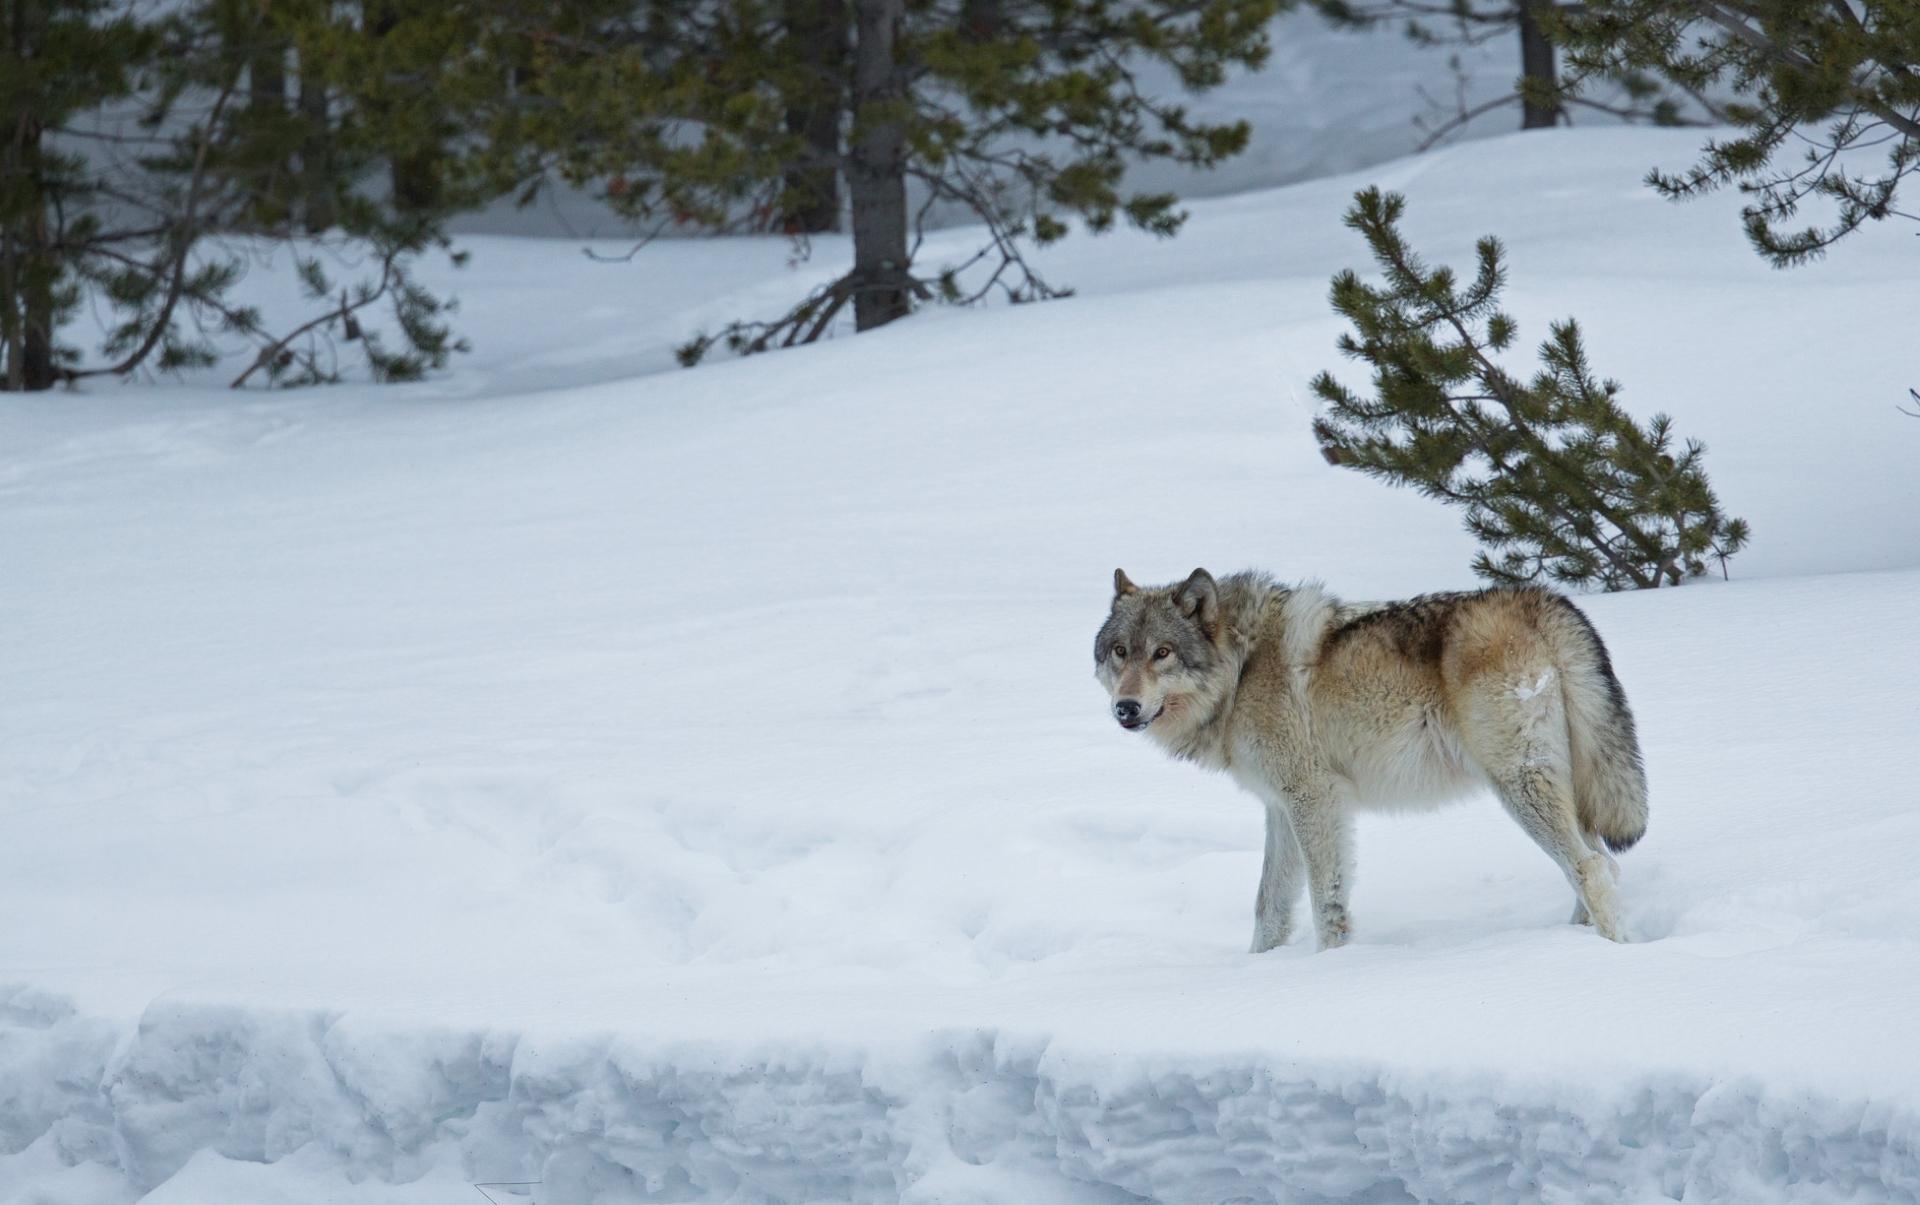 картинка лес волк снег яхты балаклаве это